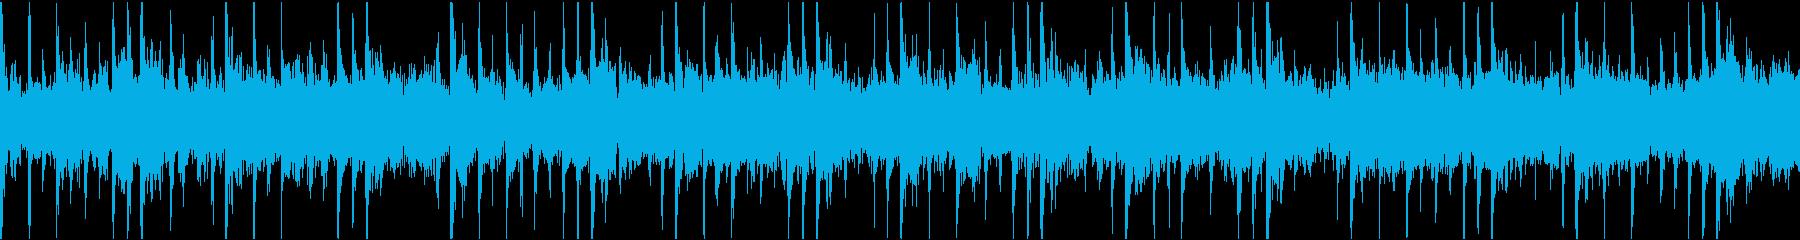 幻想的な浮遊系のテクスチャーBGMの再生済みの波形